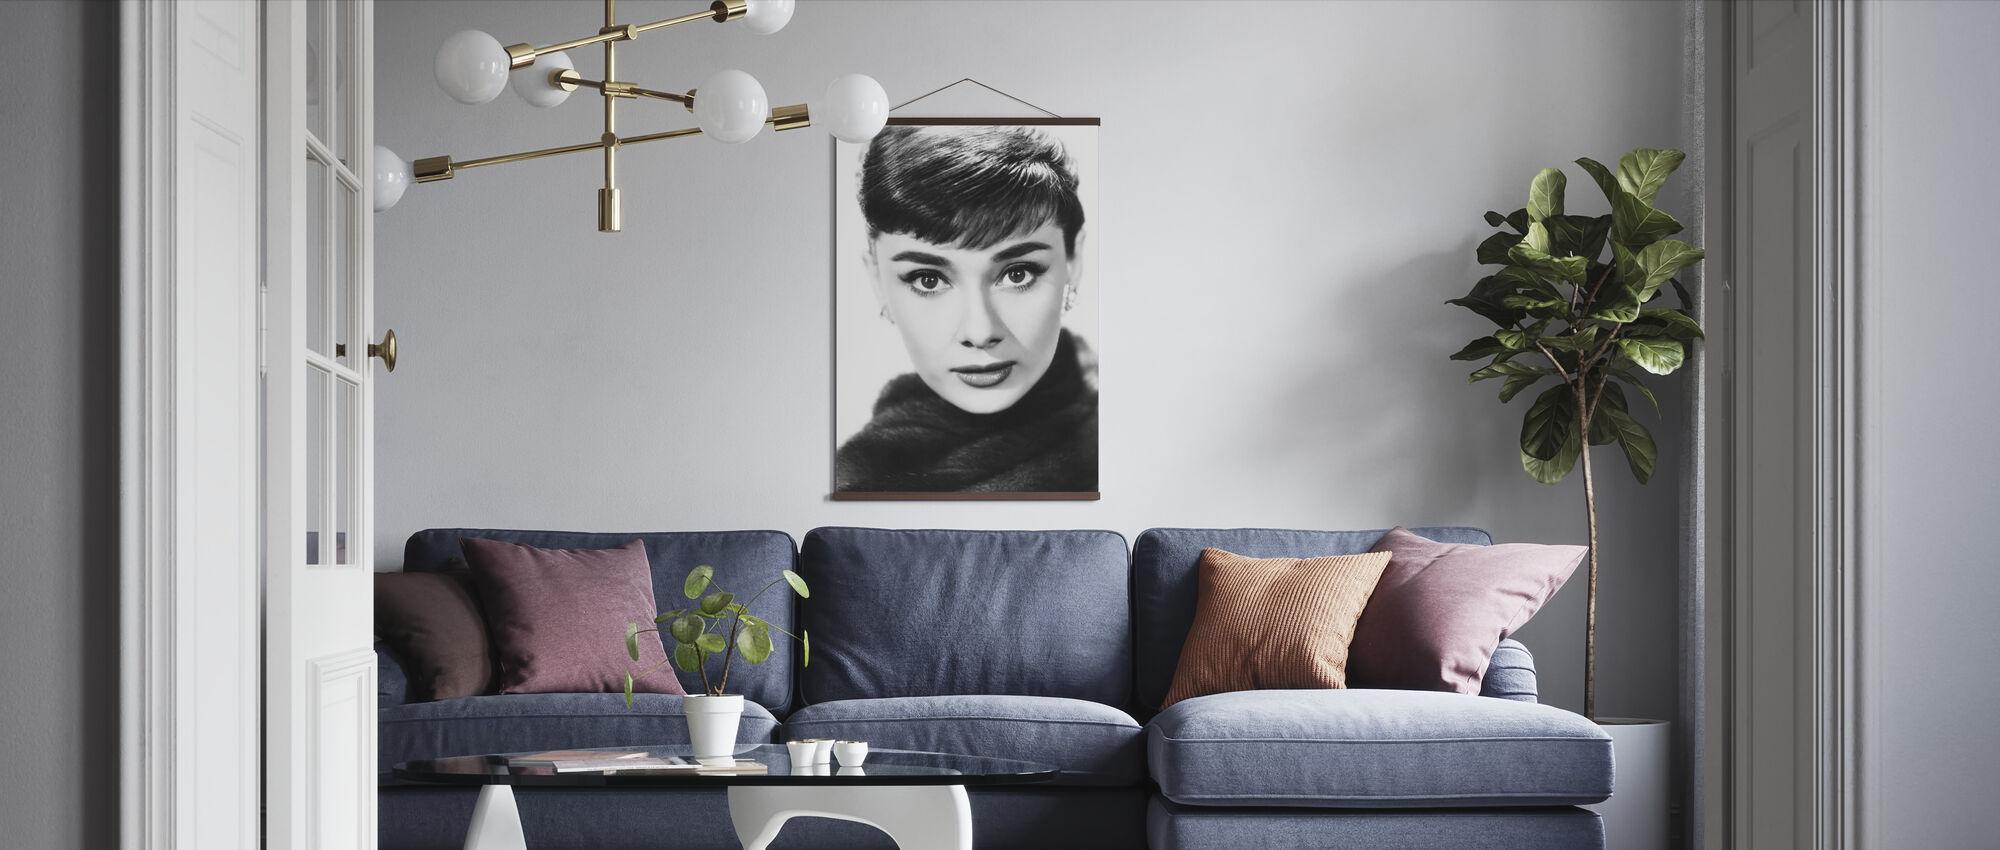 -Sabrina - Plakat - Stue